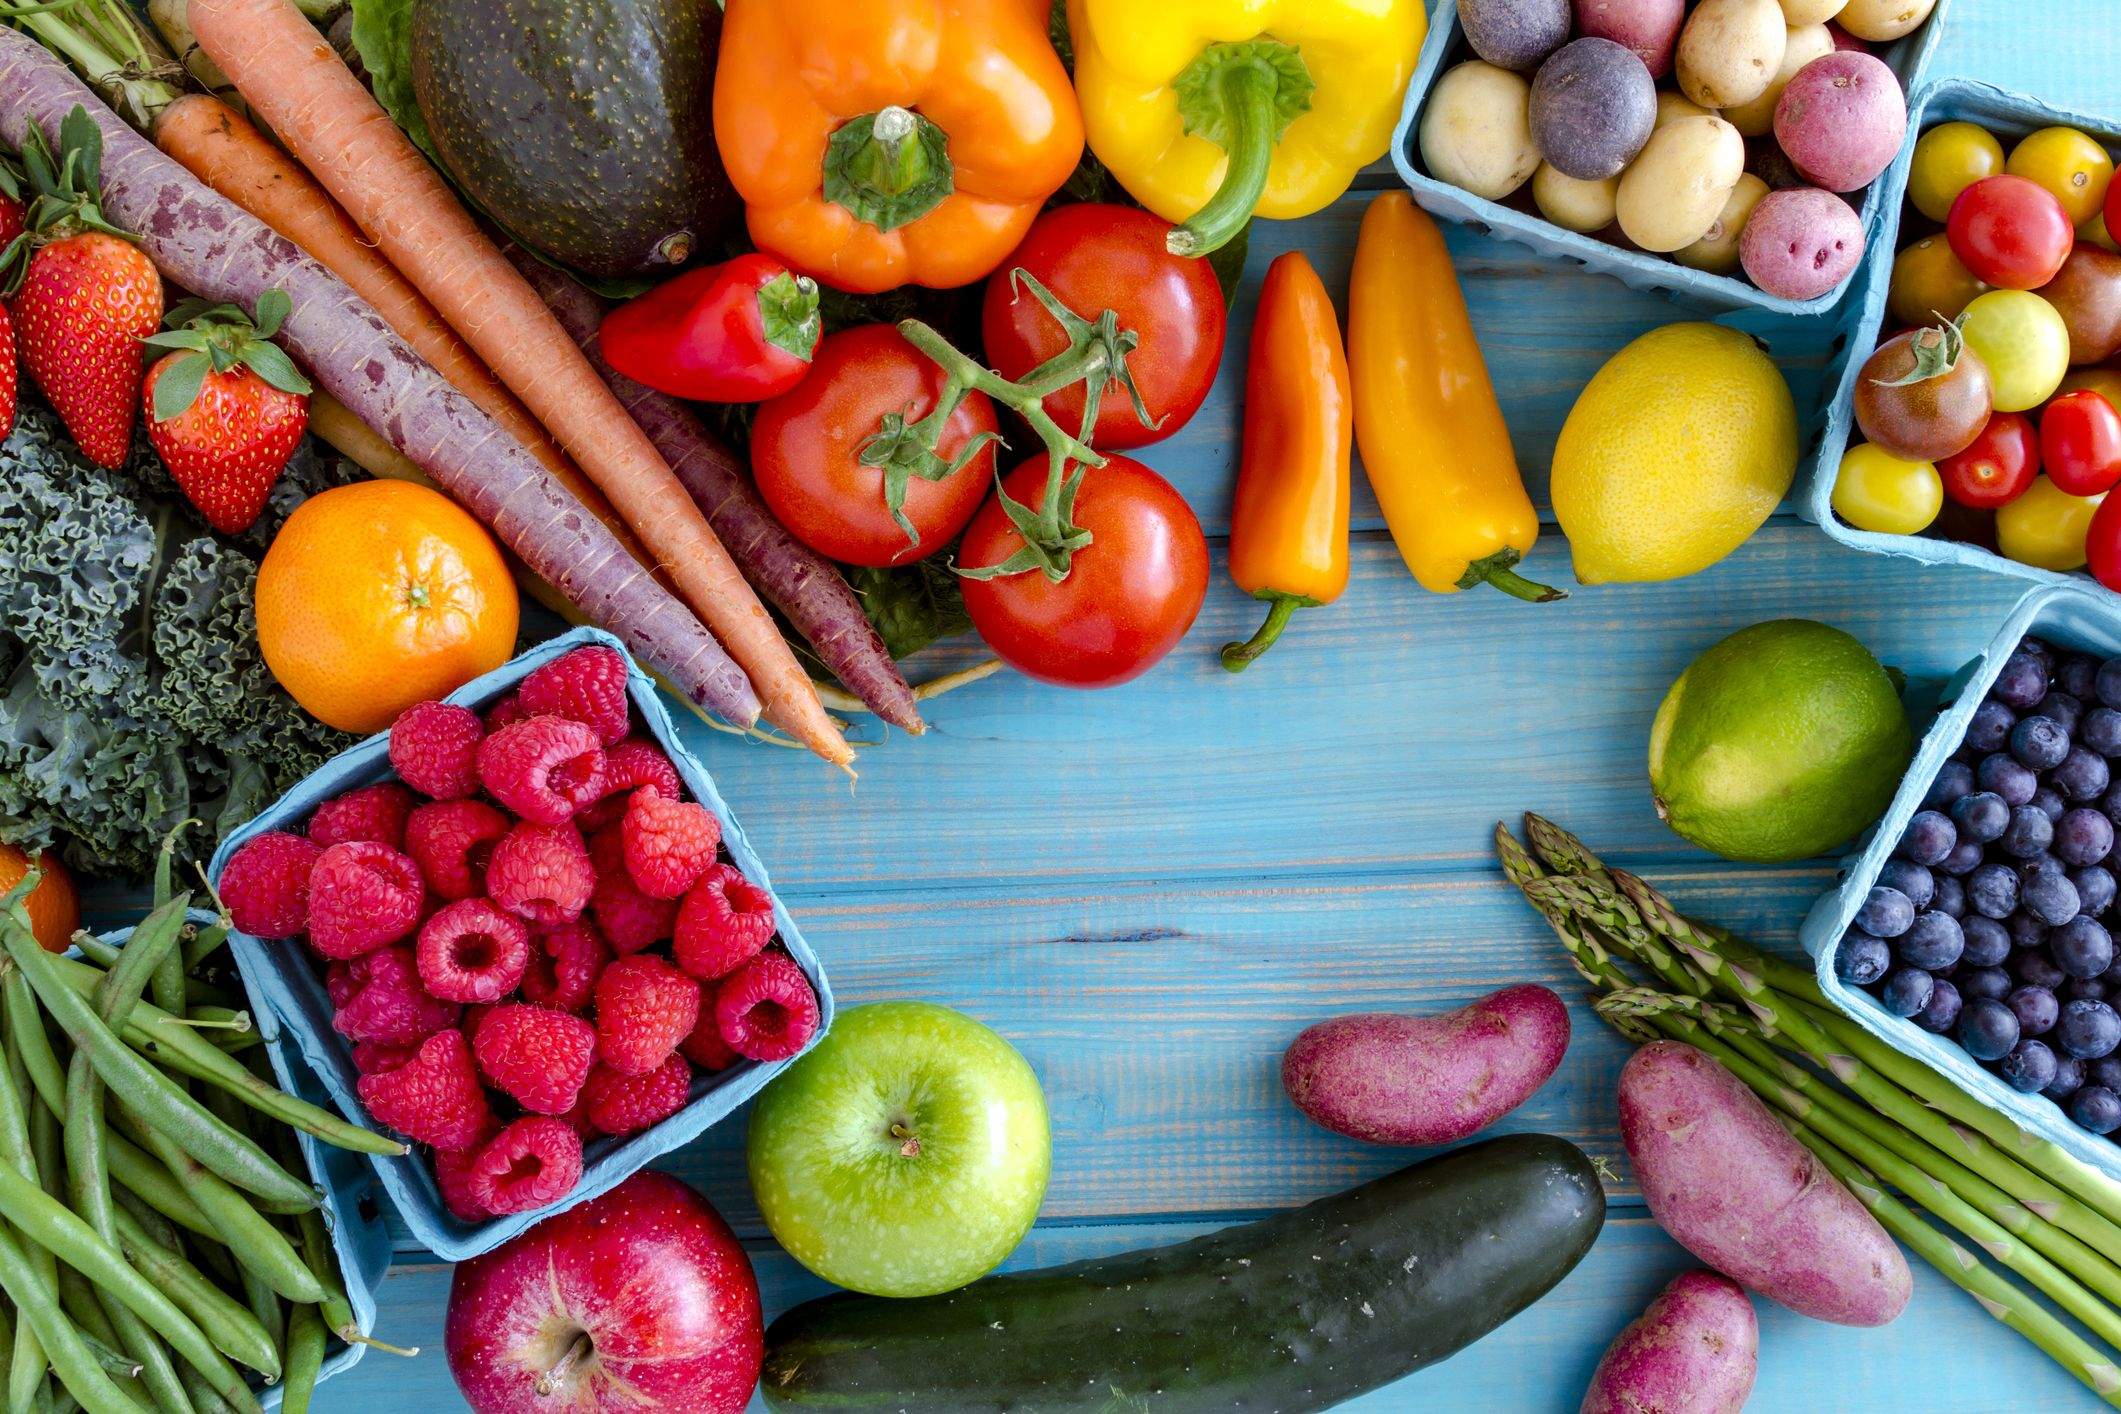 dieta a base de verduras crudas